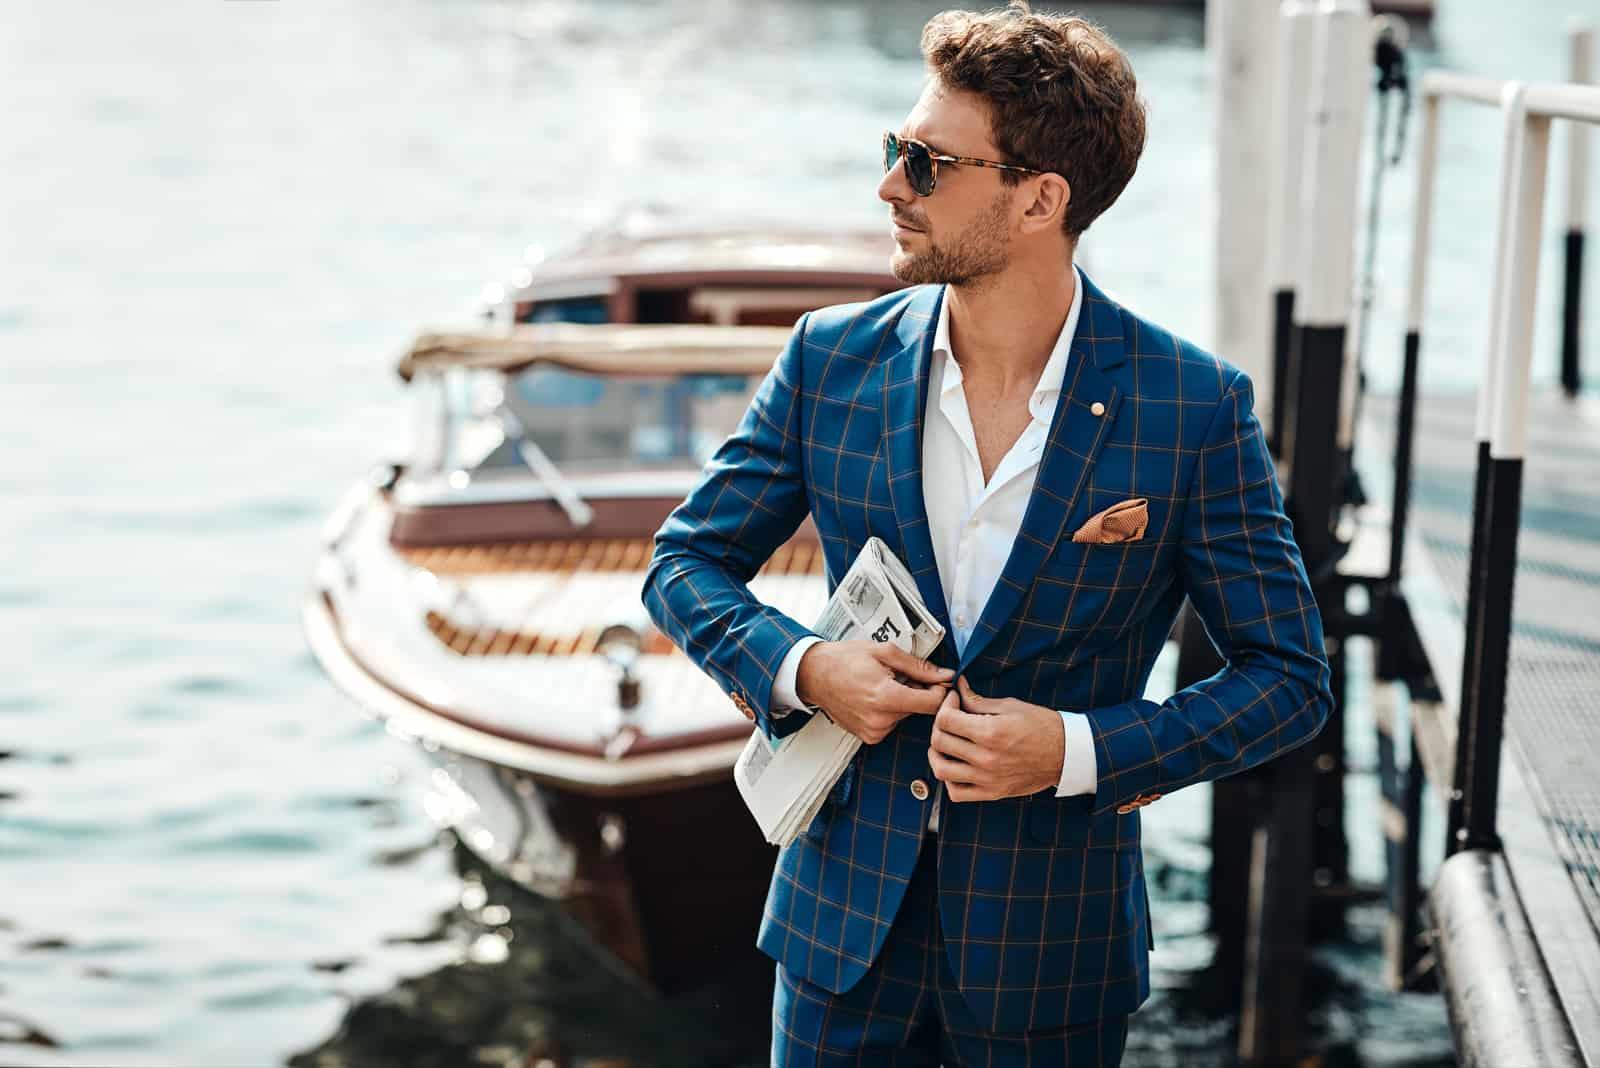 Junger hübscher Mann im klassischen Anzug